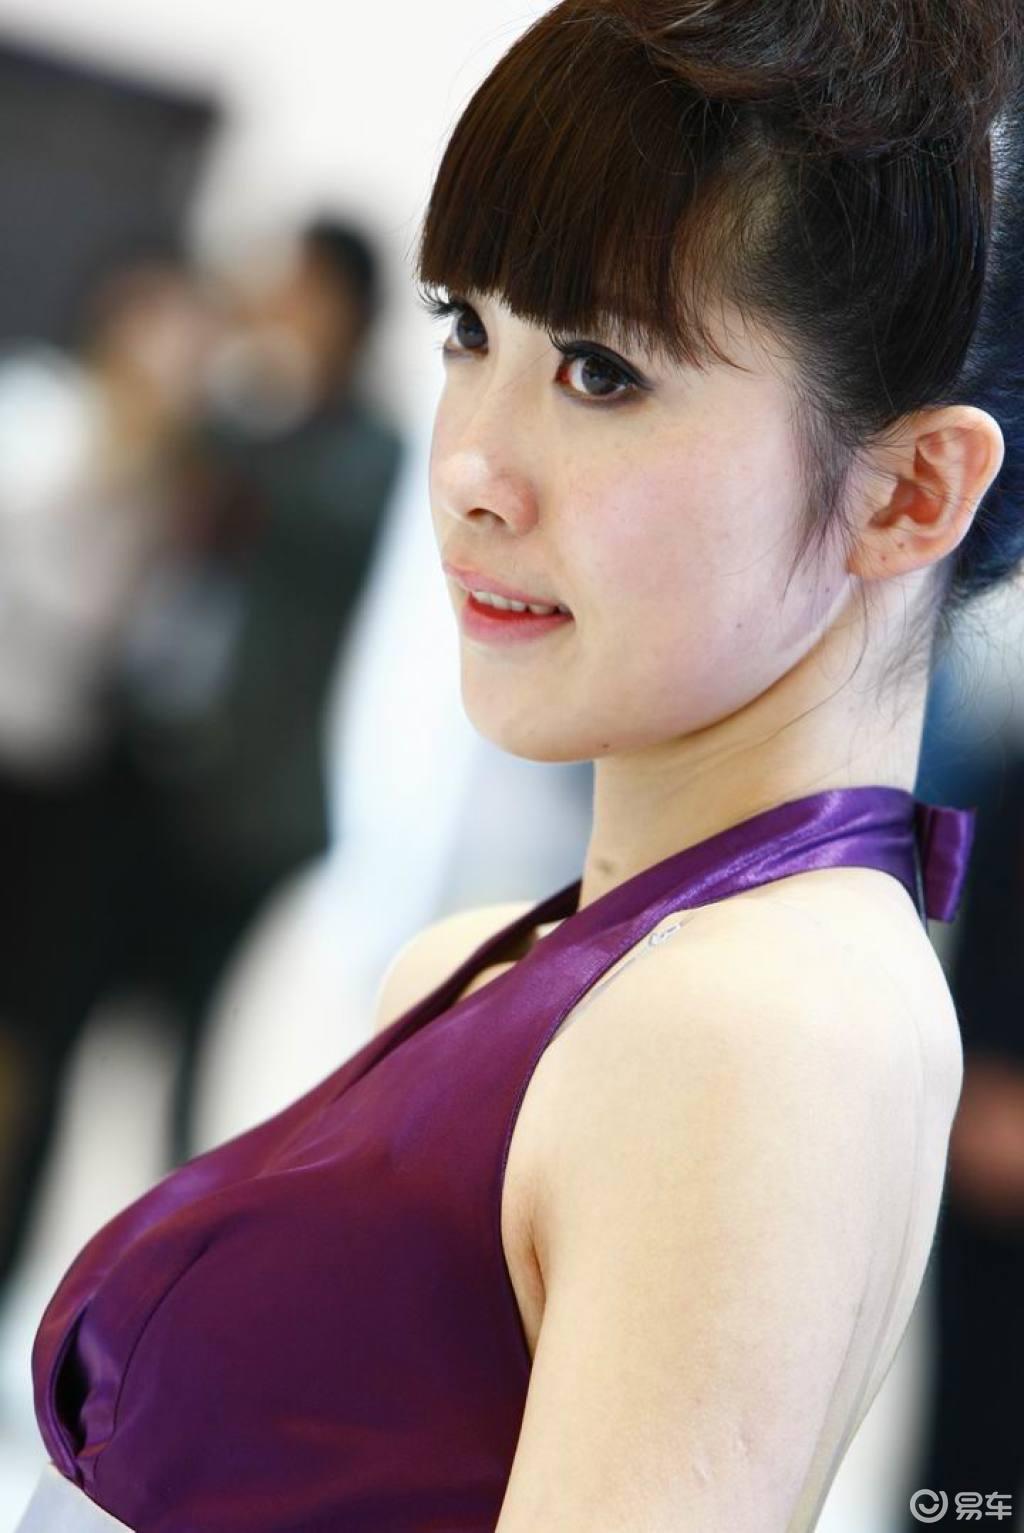 【清纯学生妹图片】-易车网bitauto.com